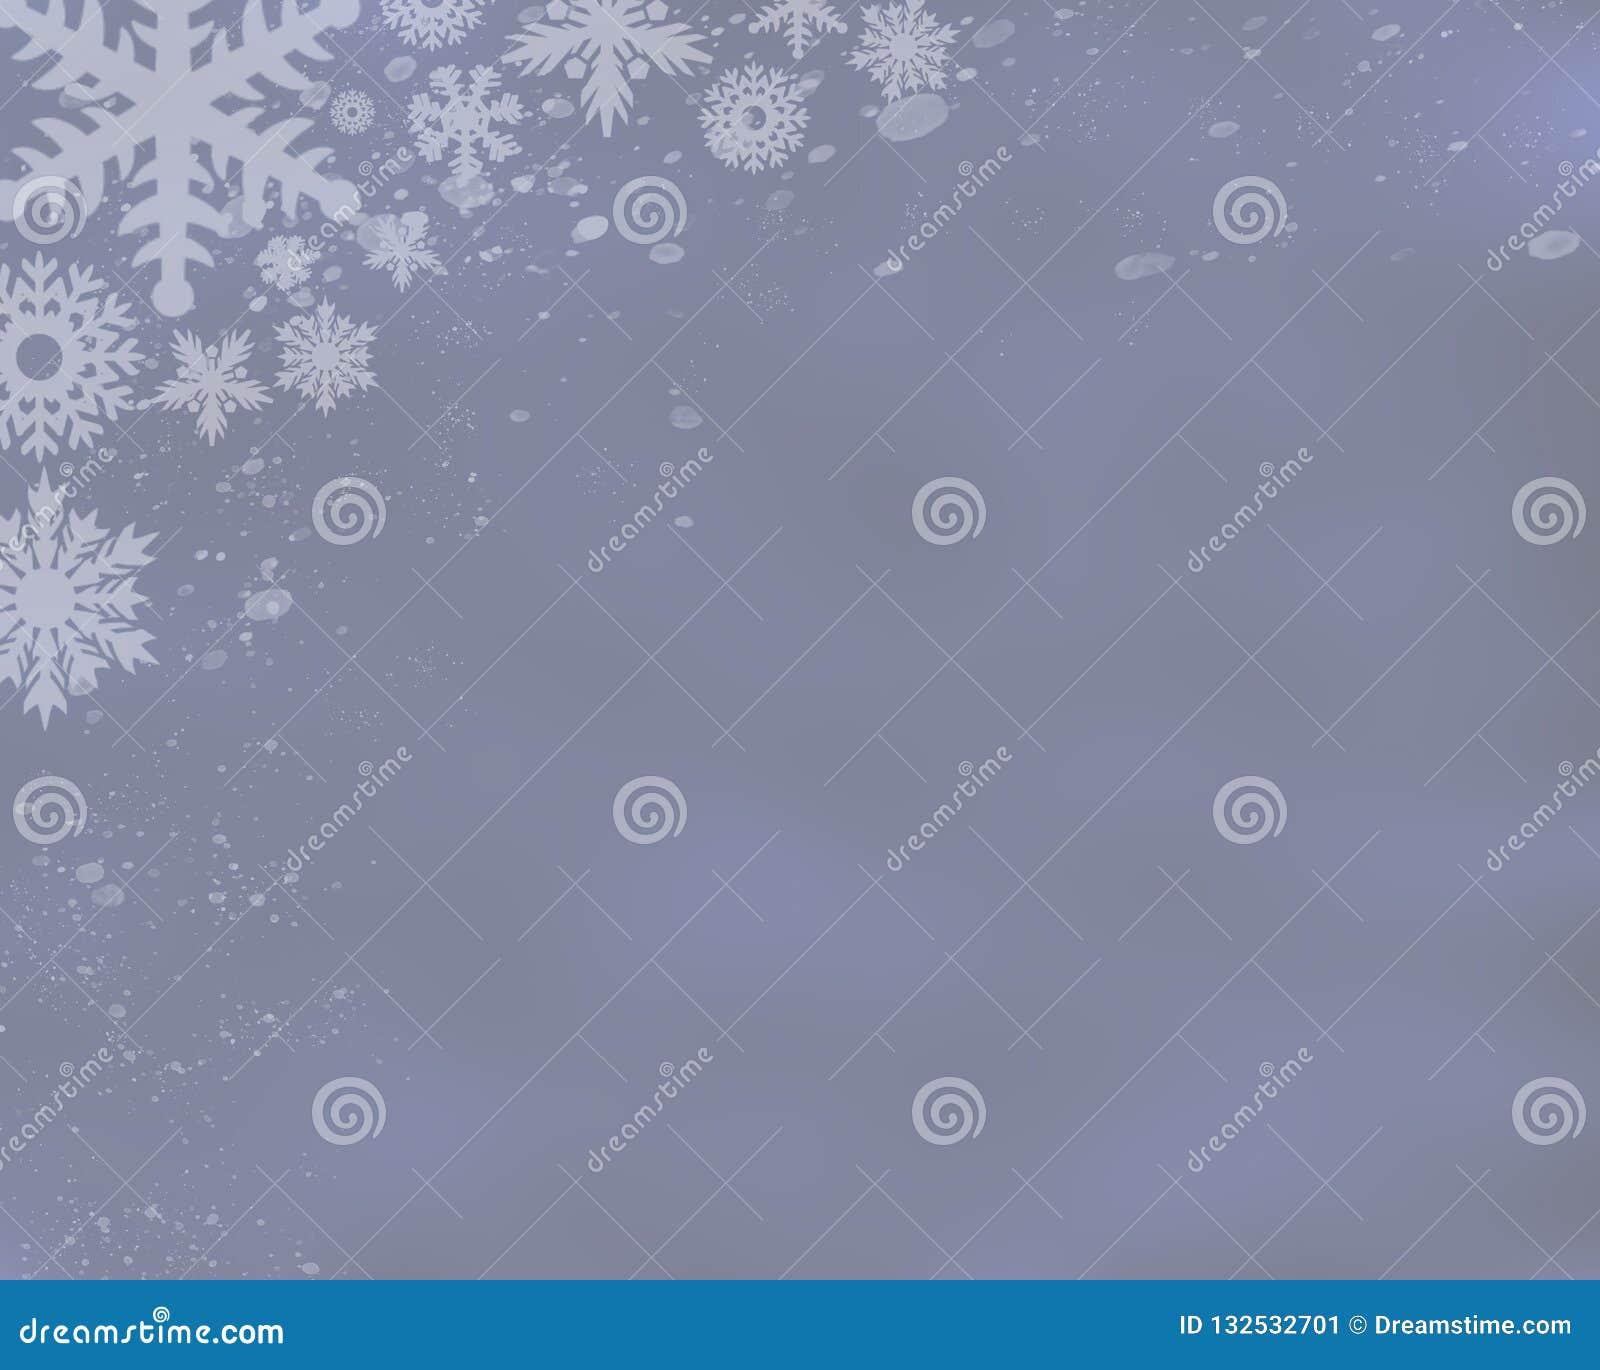 Zilveren Blauwe Achtergrond met Sneeuwvlokken